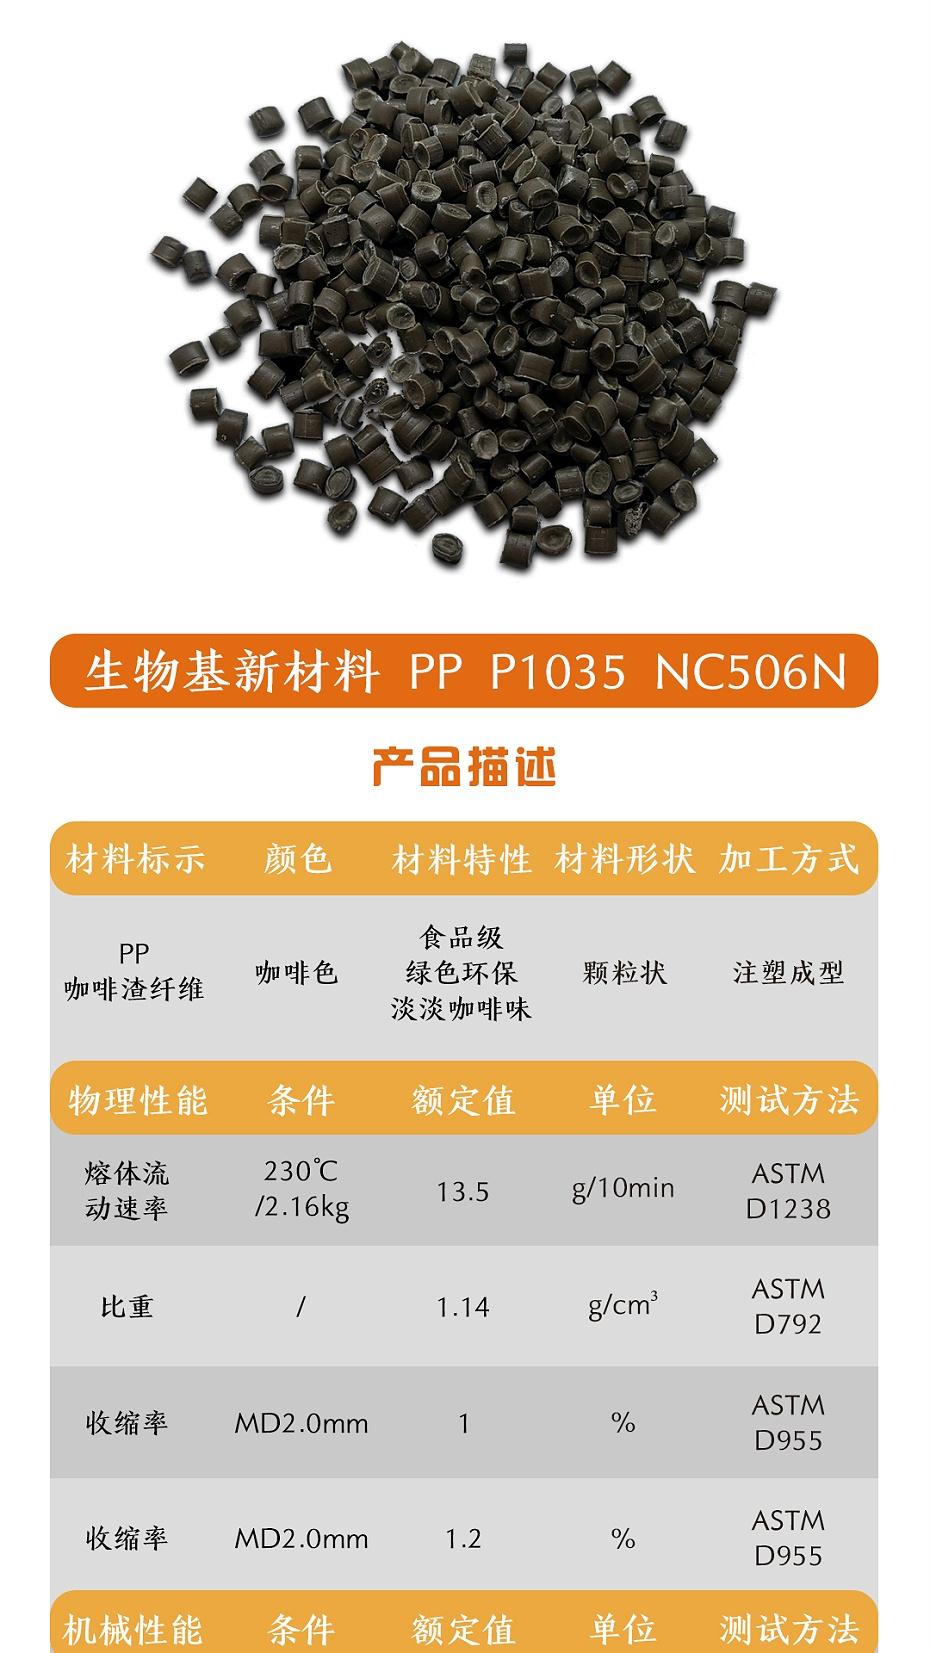 PP咖啡纤维简介1